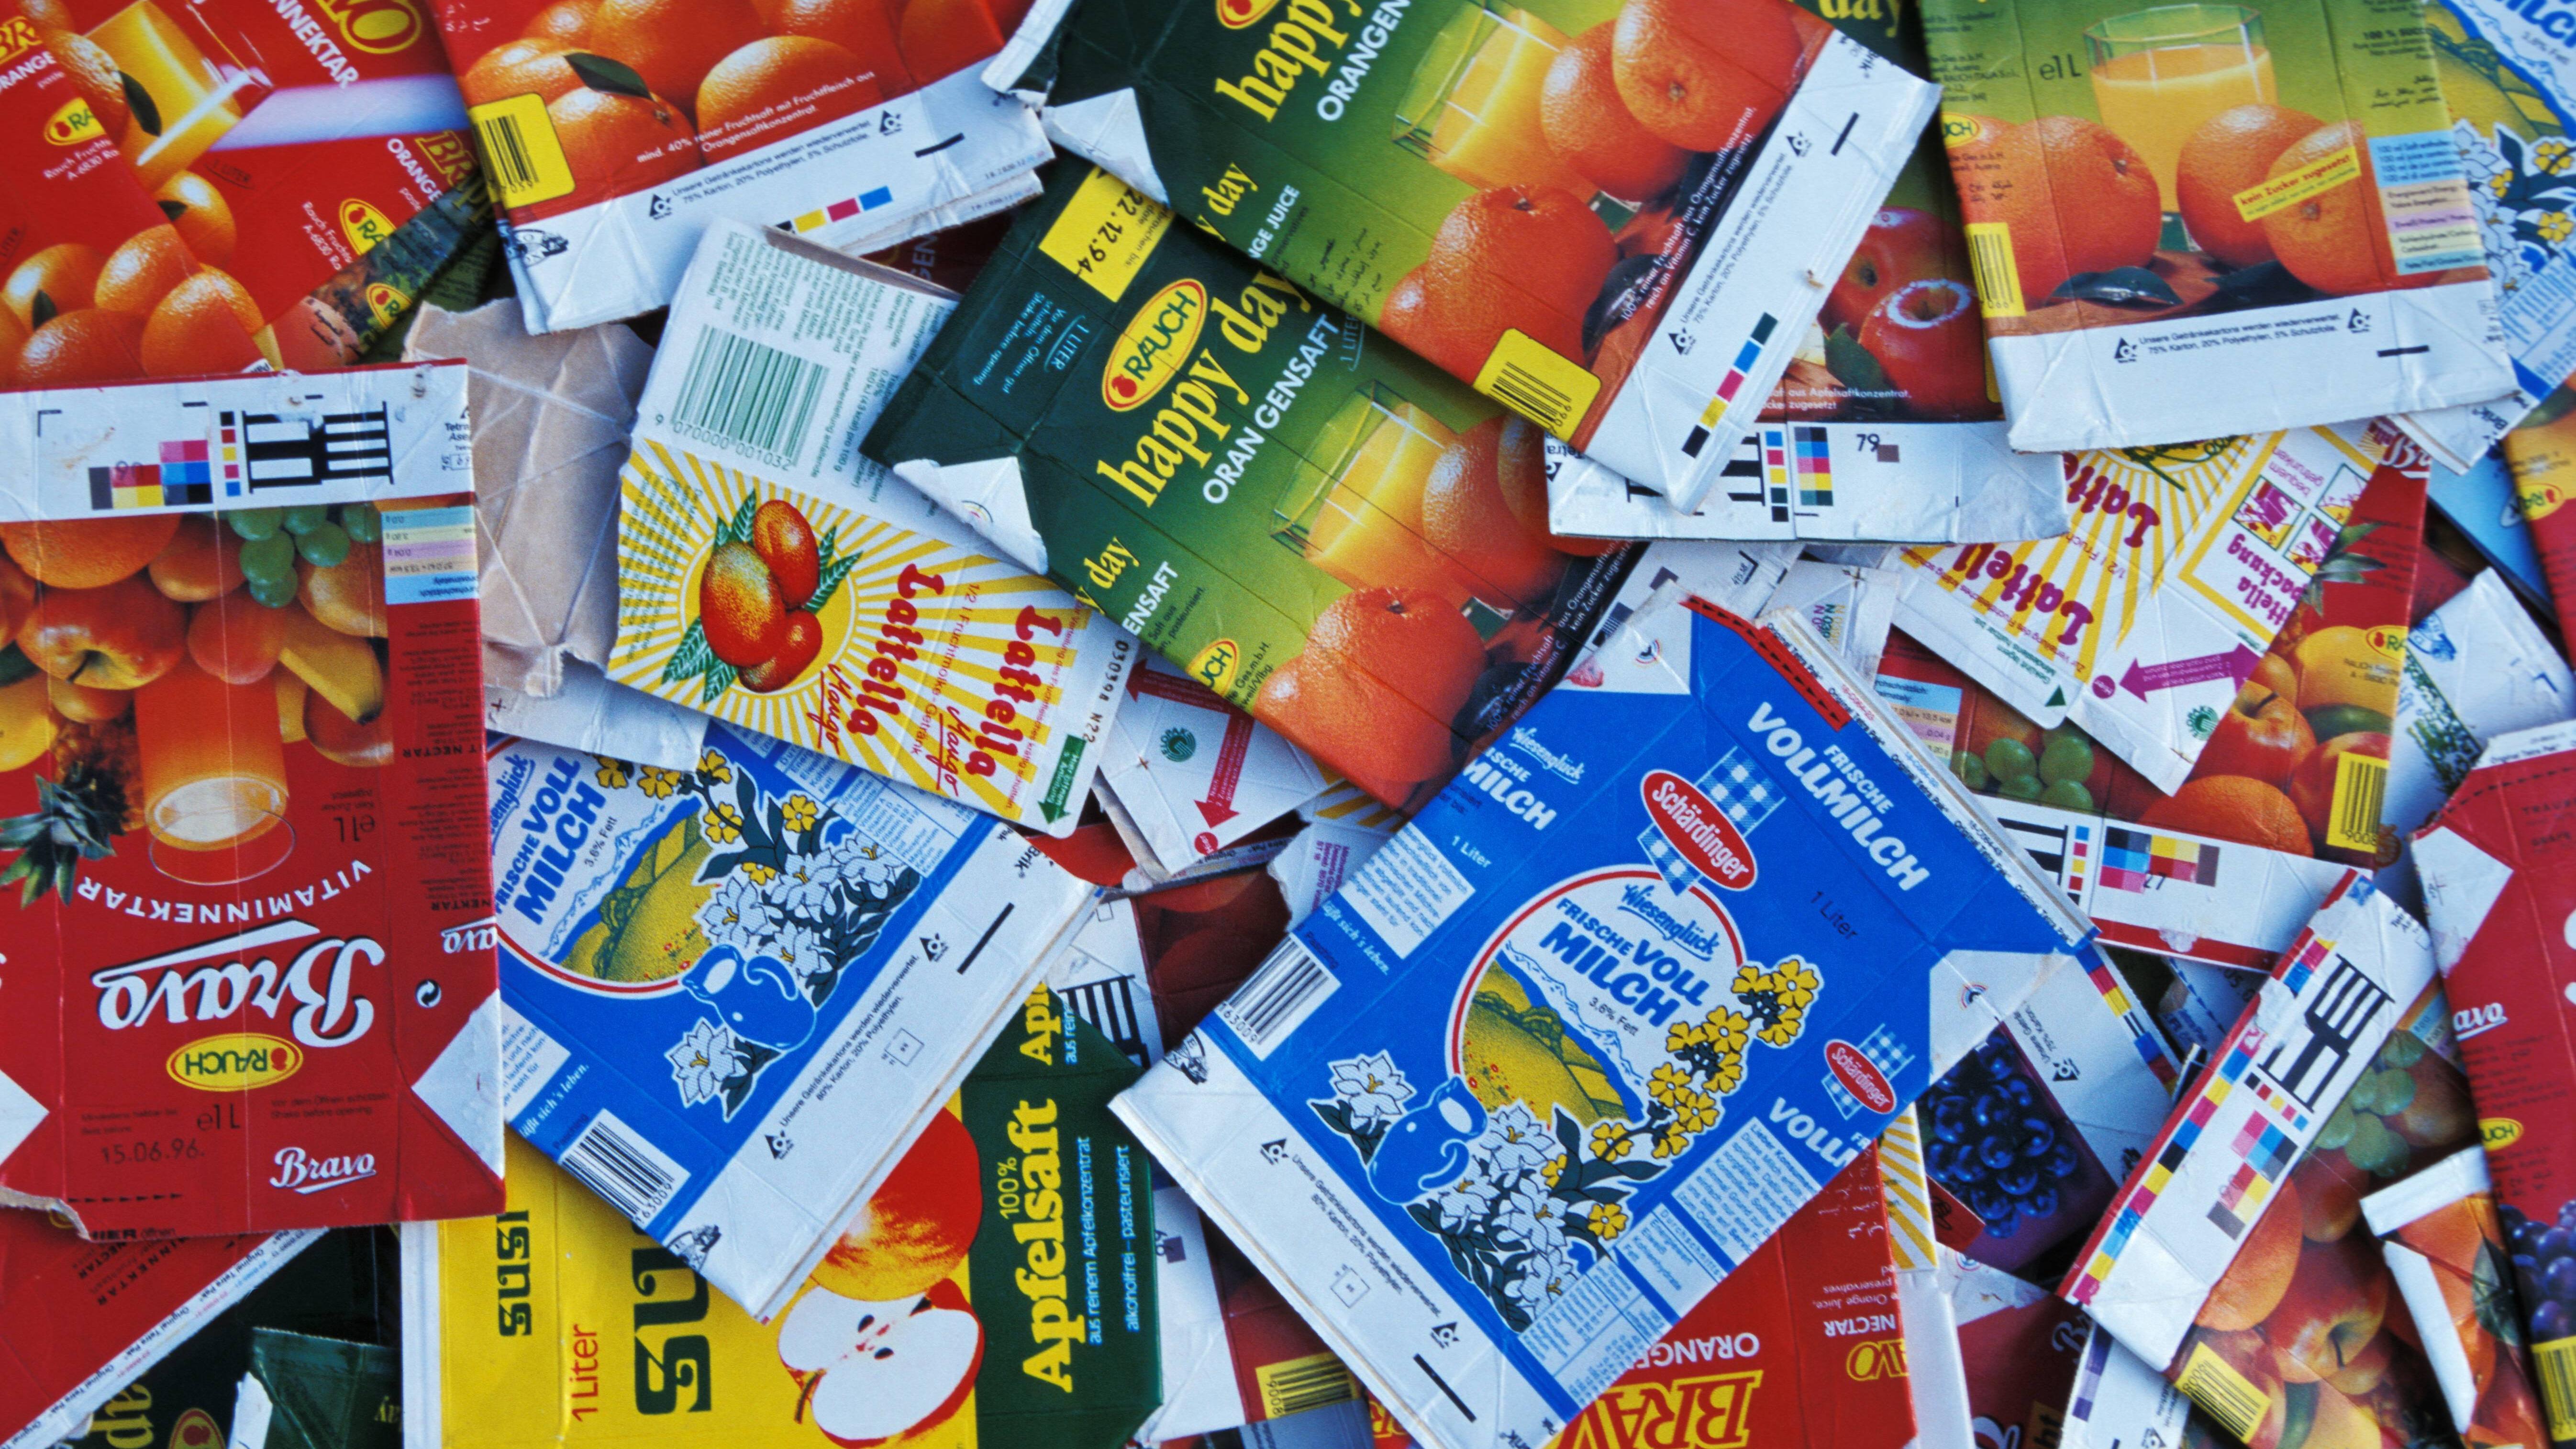 Tetrapack entsorgen - das müssen Sie wissen